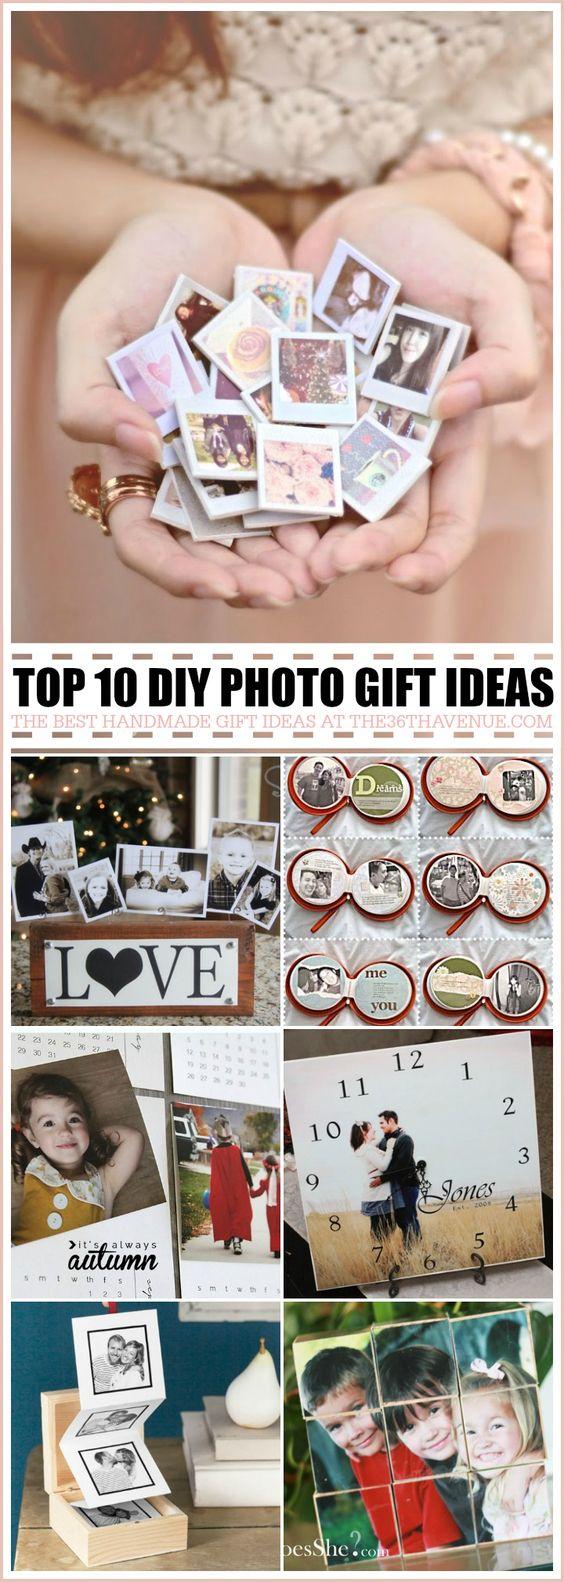 Top 10 de los regalos hechos a mano utilizando fotos - Estas ideas regalos son perfectos para los regalos de Navidad, regalos de cumpleaños, regalos del Día de la Madre y regalos del aniversario ... Estas ideas de regalos hechos a mano son muy fáciles de hacer, adorable, y asequible ... debe volver a PIN!